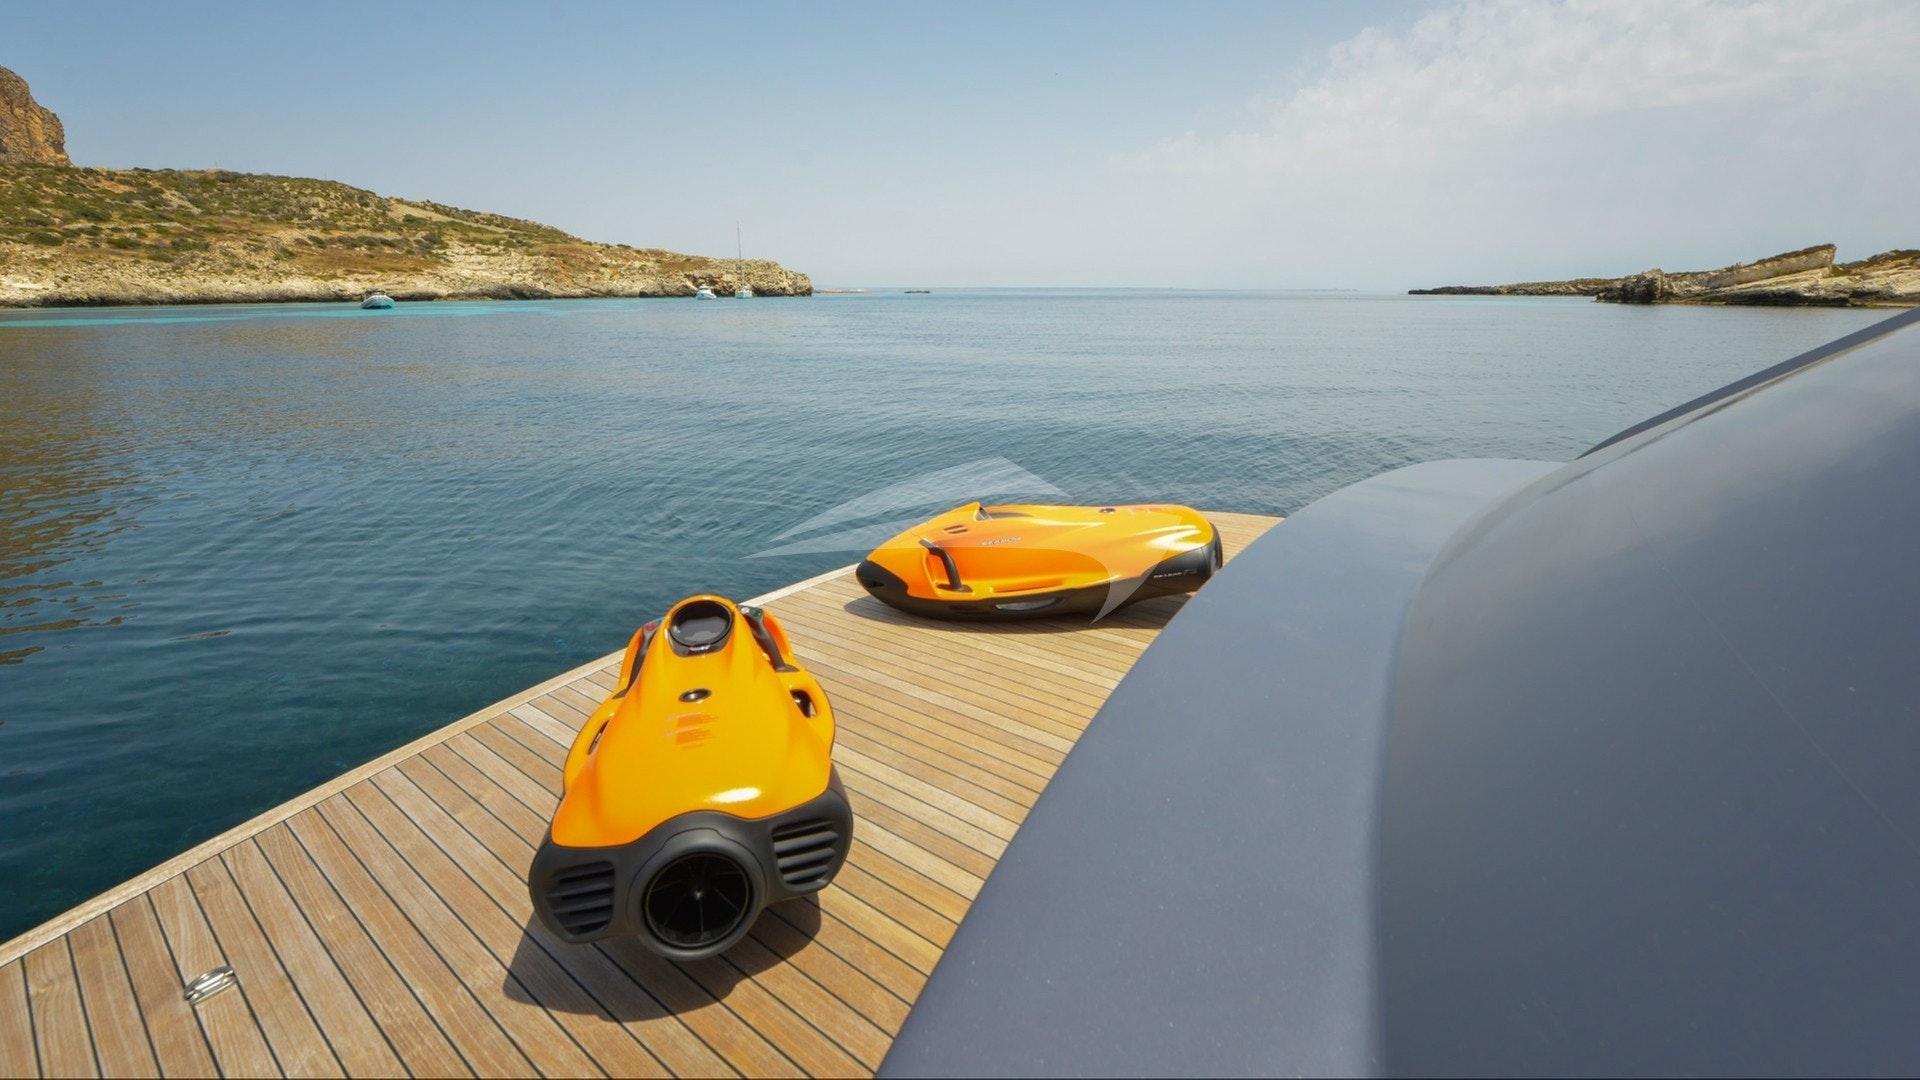 Swim Platform and Sea Bobs